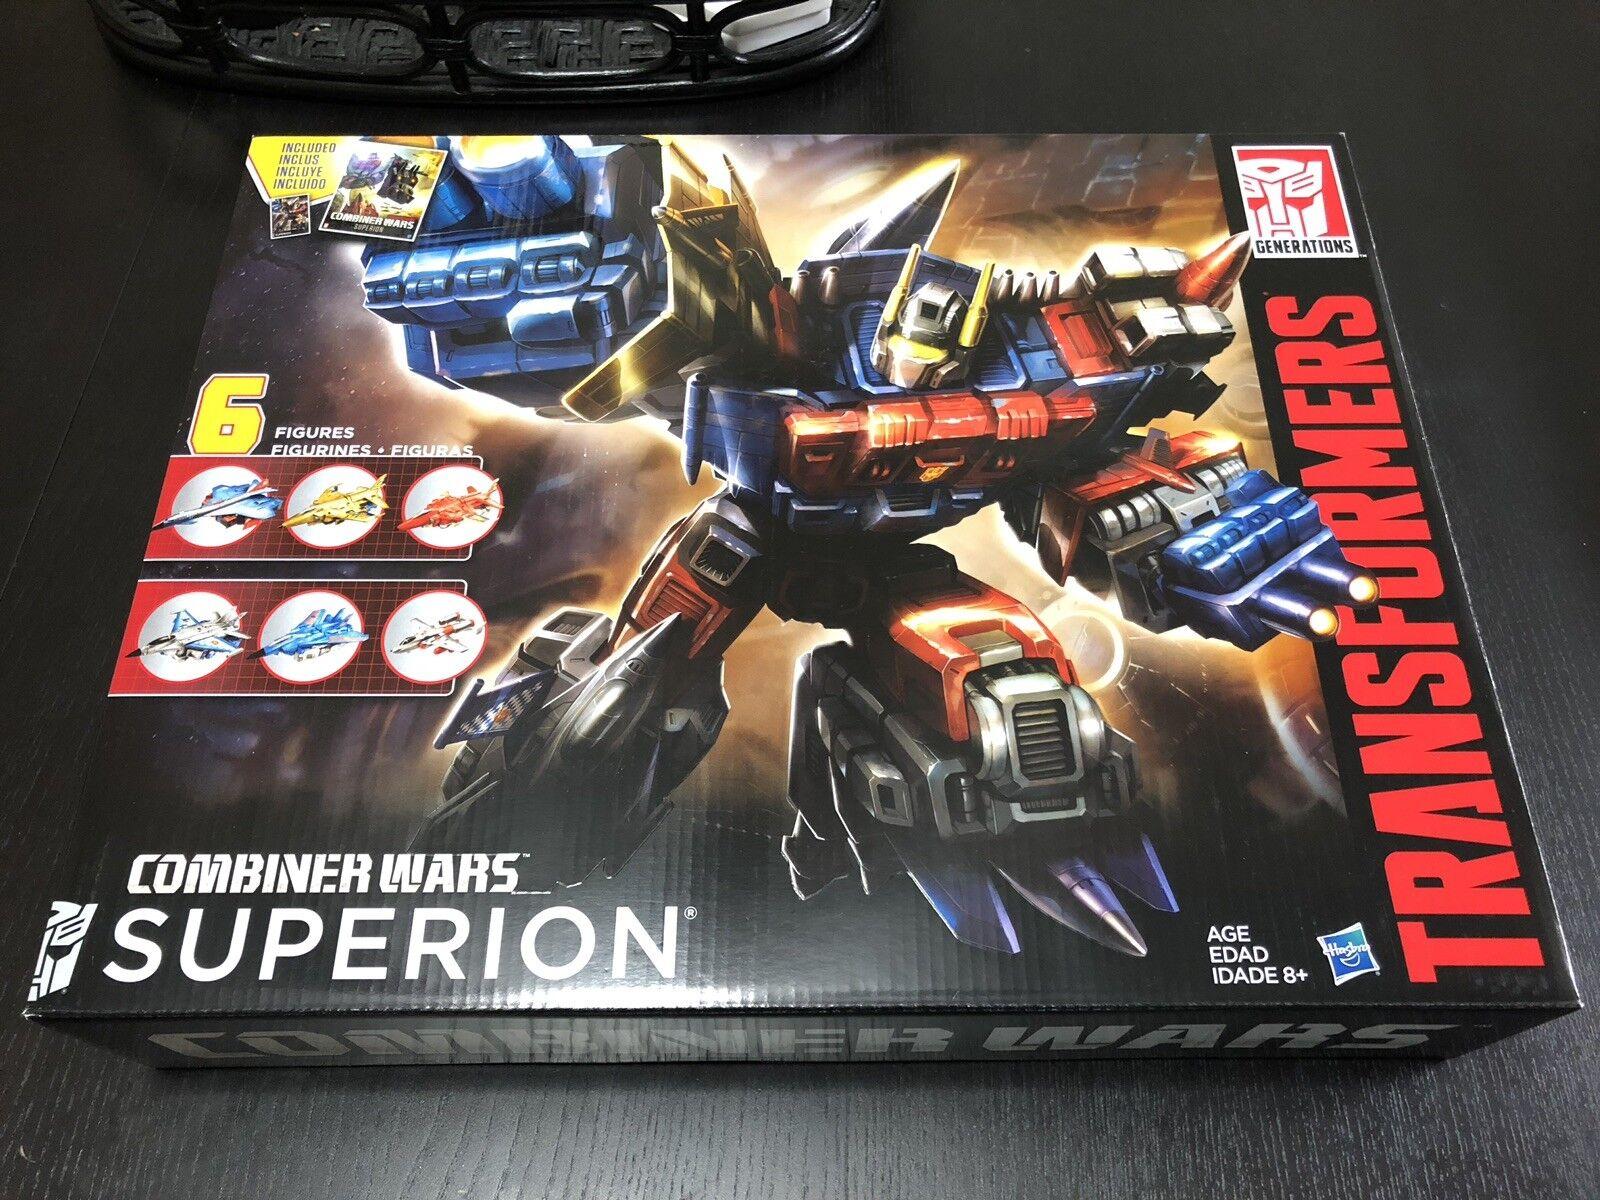 Transformers G2 generaciones Combinador guerras Superion Menta en Caja Sellada